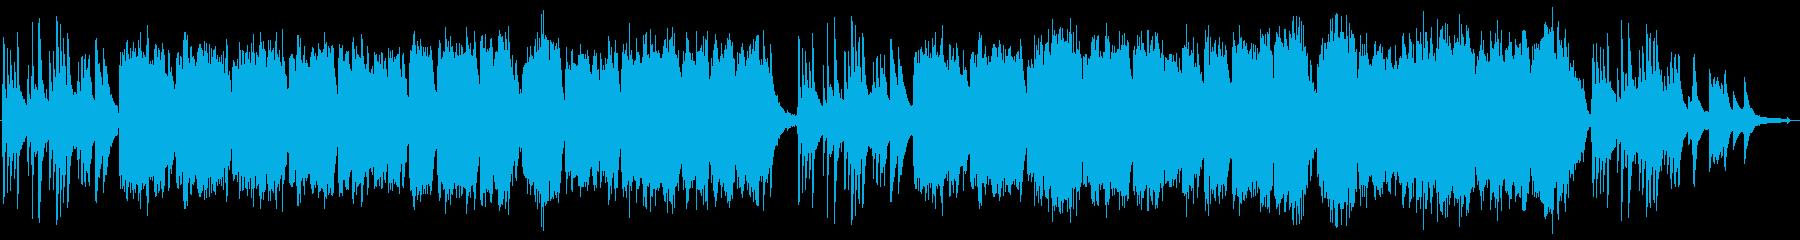 合唱曲 児童合唱 2パターン 卒業式 の再生済みの波形